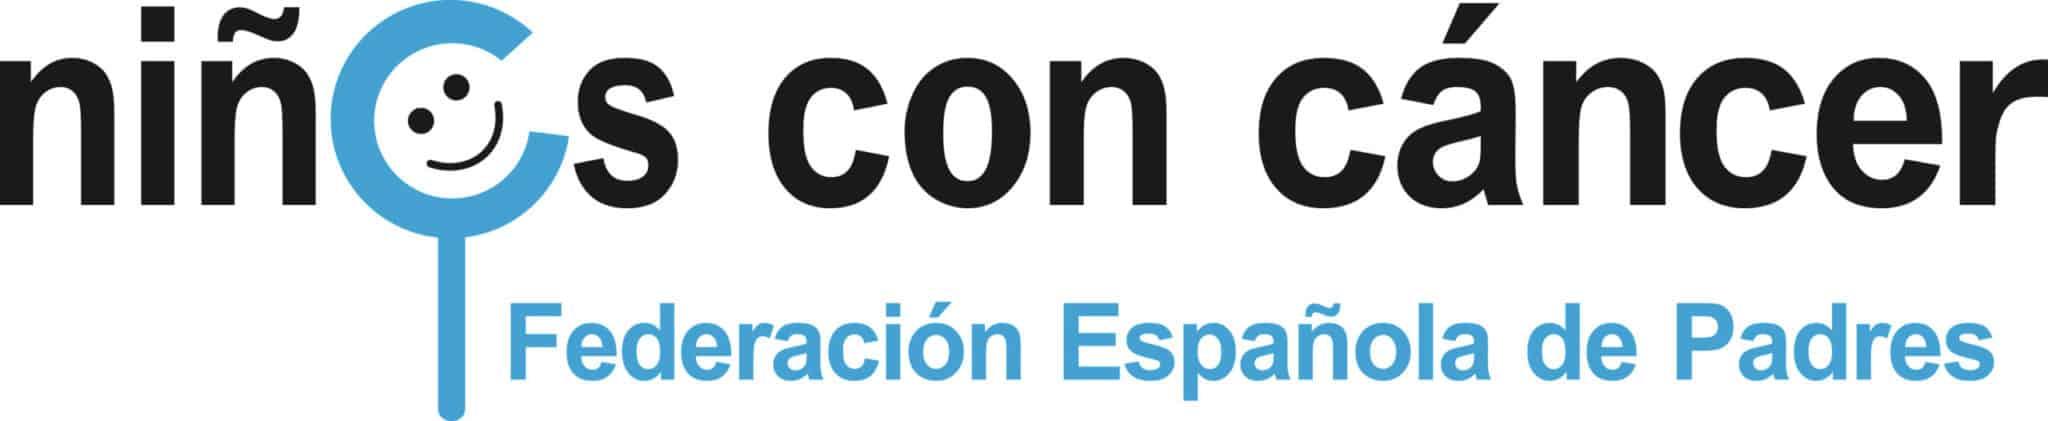 Federación Española de Padres de niños con cáncer